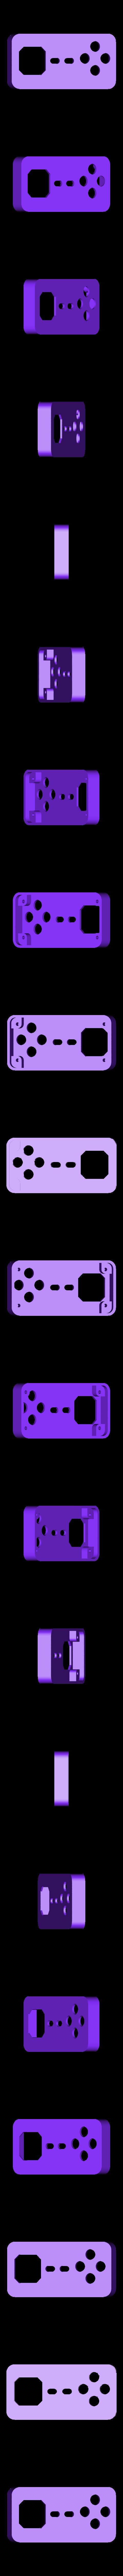 joybon-top.stl Télécharger fichier STL gratuit Case for Adafruit Joy Bonnet - Raspberry Pi Zero W • Modèle imprimable en 3D, Adafruit